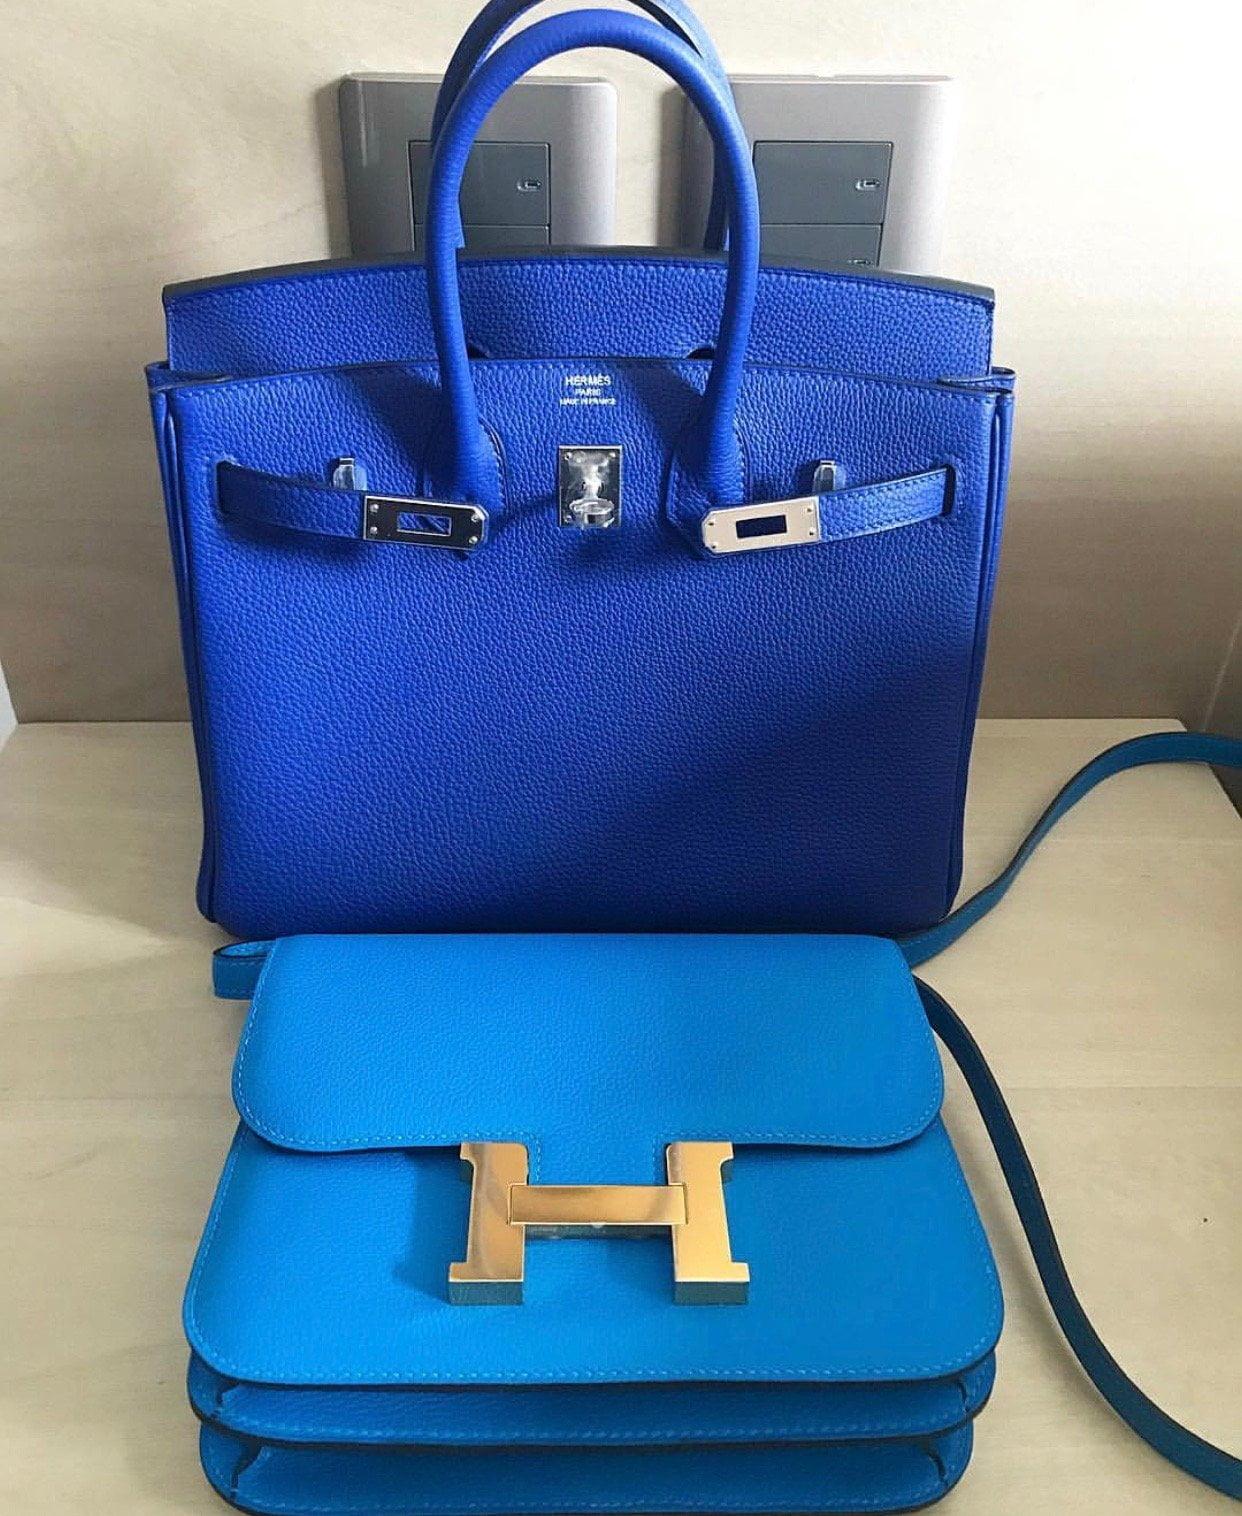 Hermès New Colors Spring 2019 - PurseBop 2bf74d3e223ce